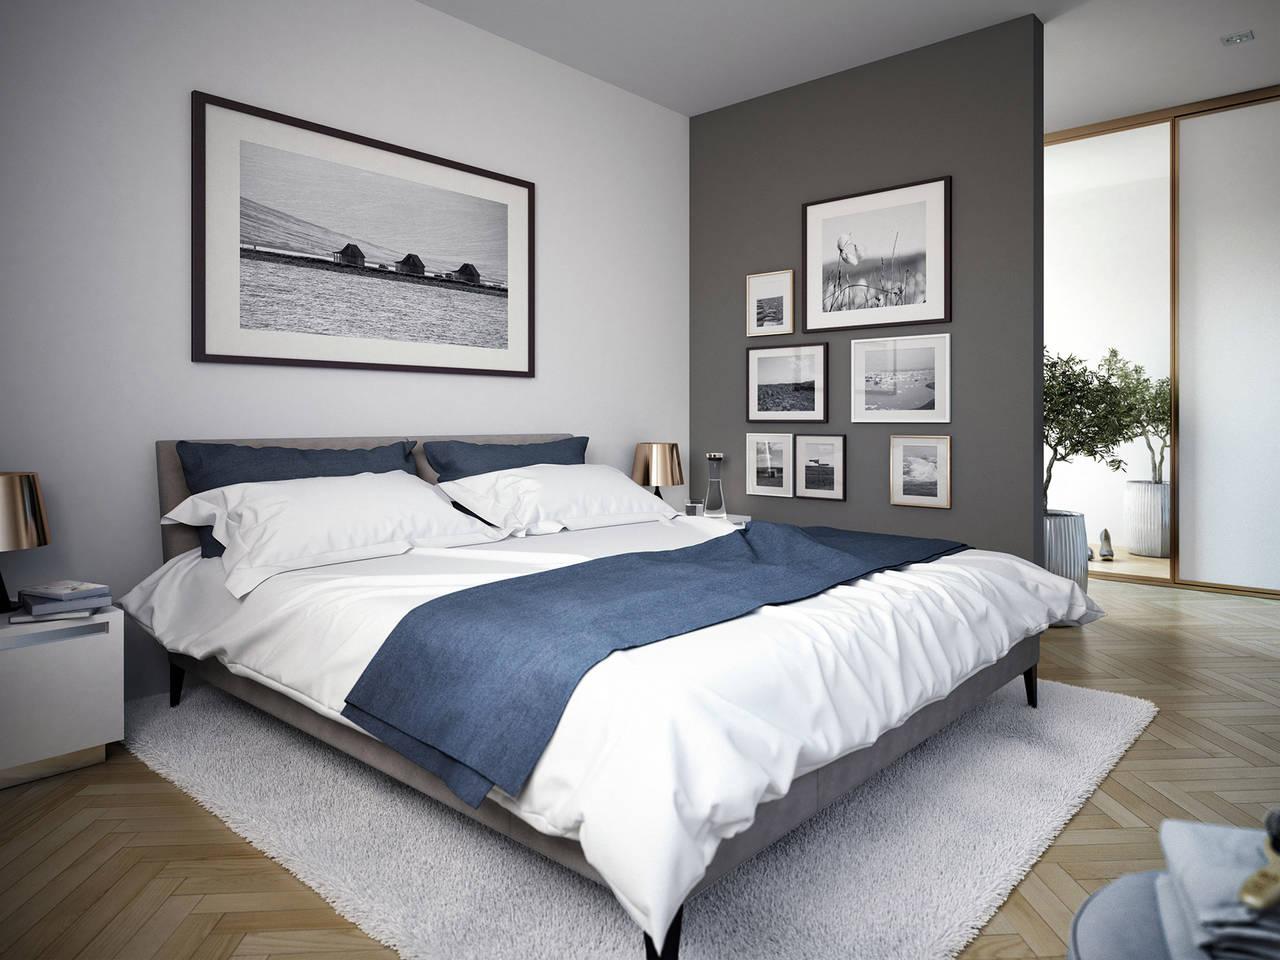 Haus SOLUTION 204 V4 Schlafzimmer von Living Haus